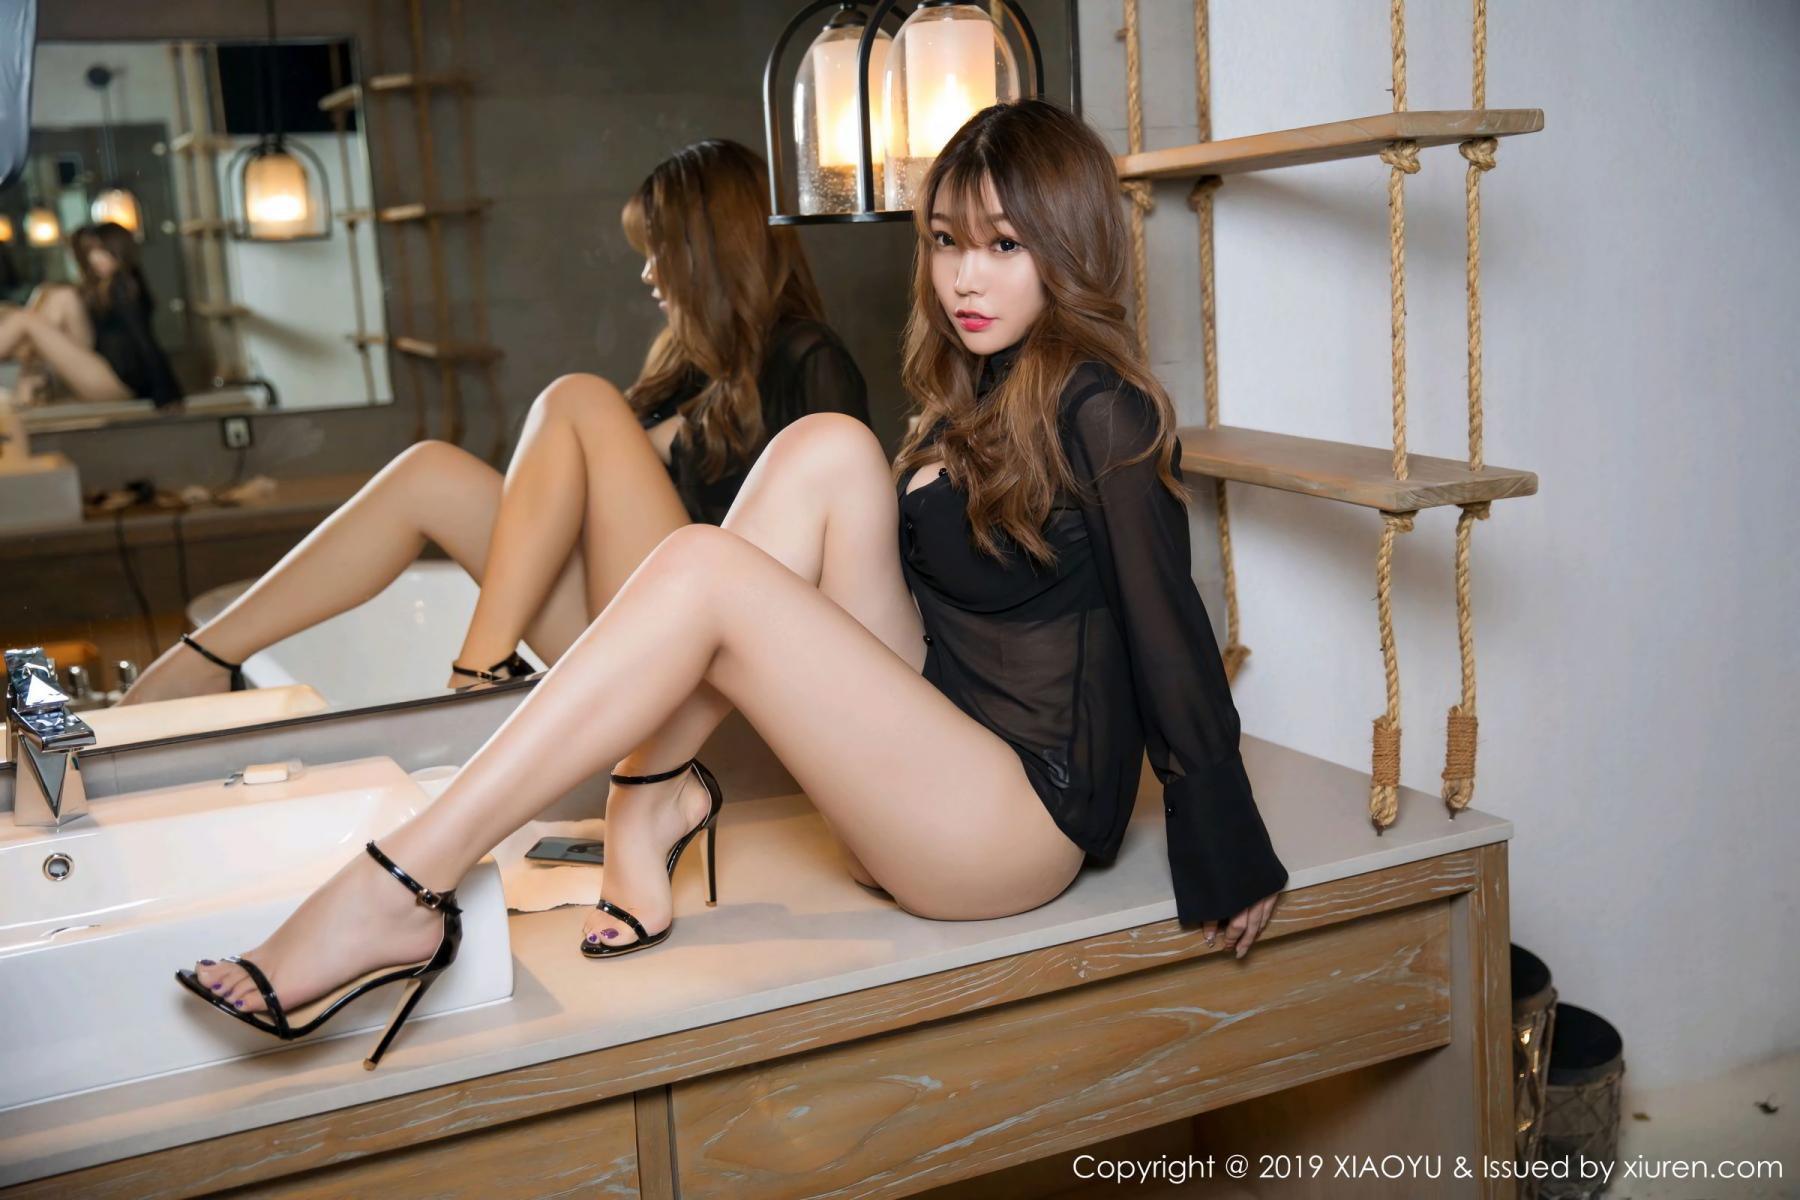 [XiaoYu] Vol.105 Chen Zhi 11P, Bathroom, Big Booty, Chen Zhi, Wet, XiaoYu